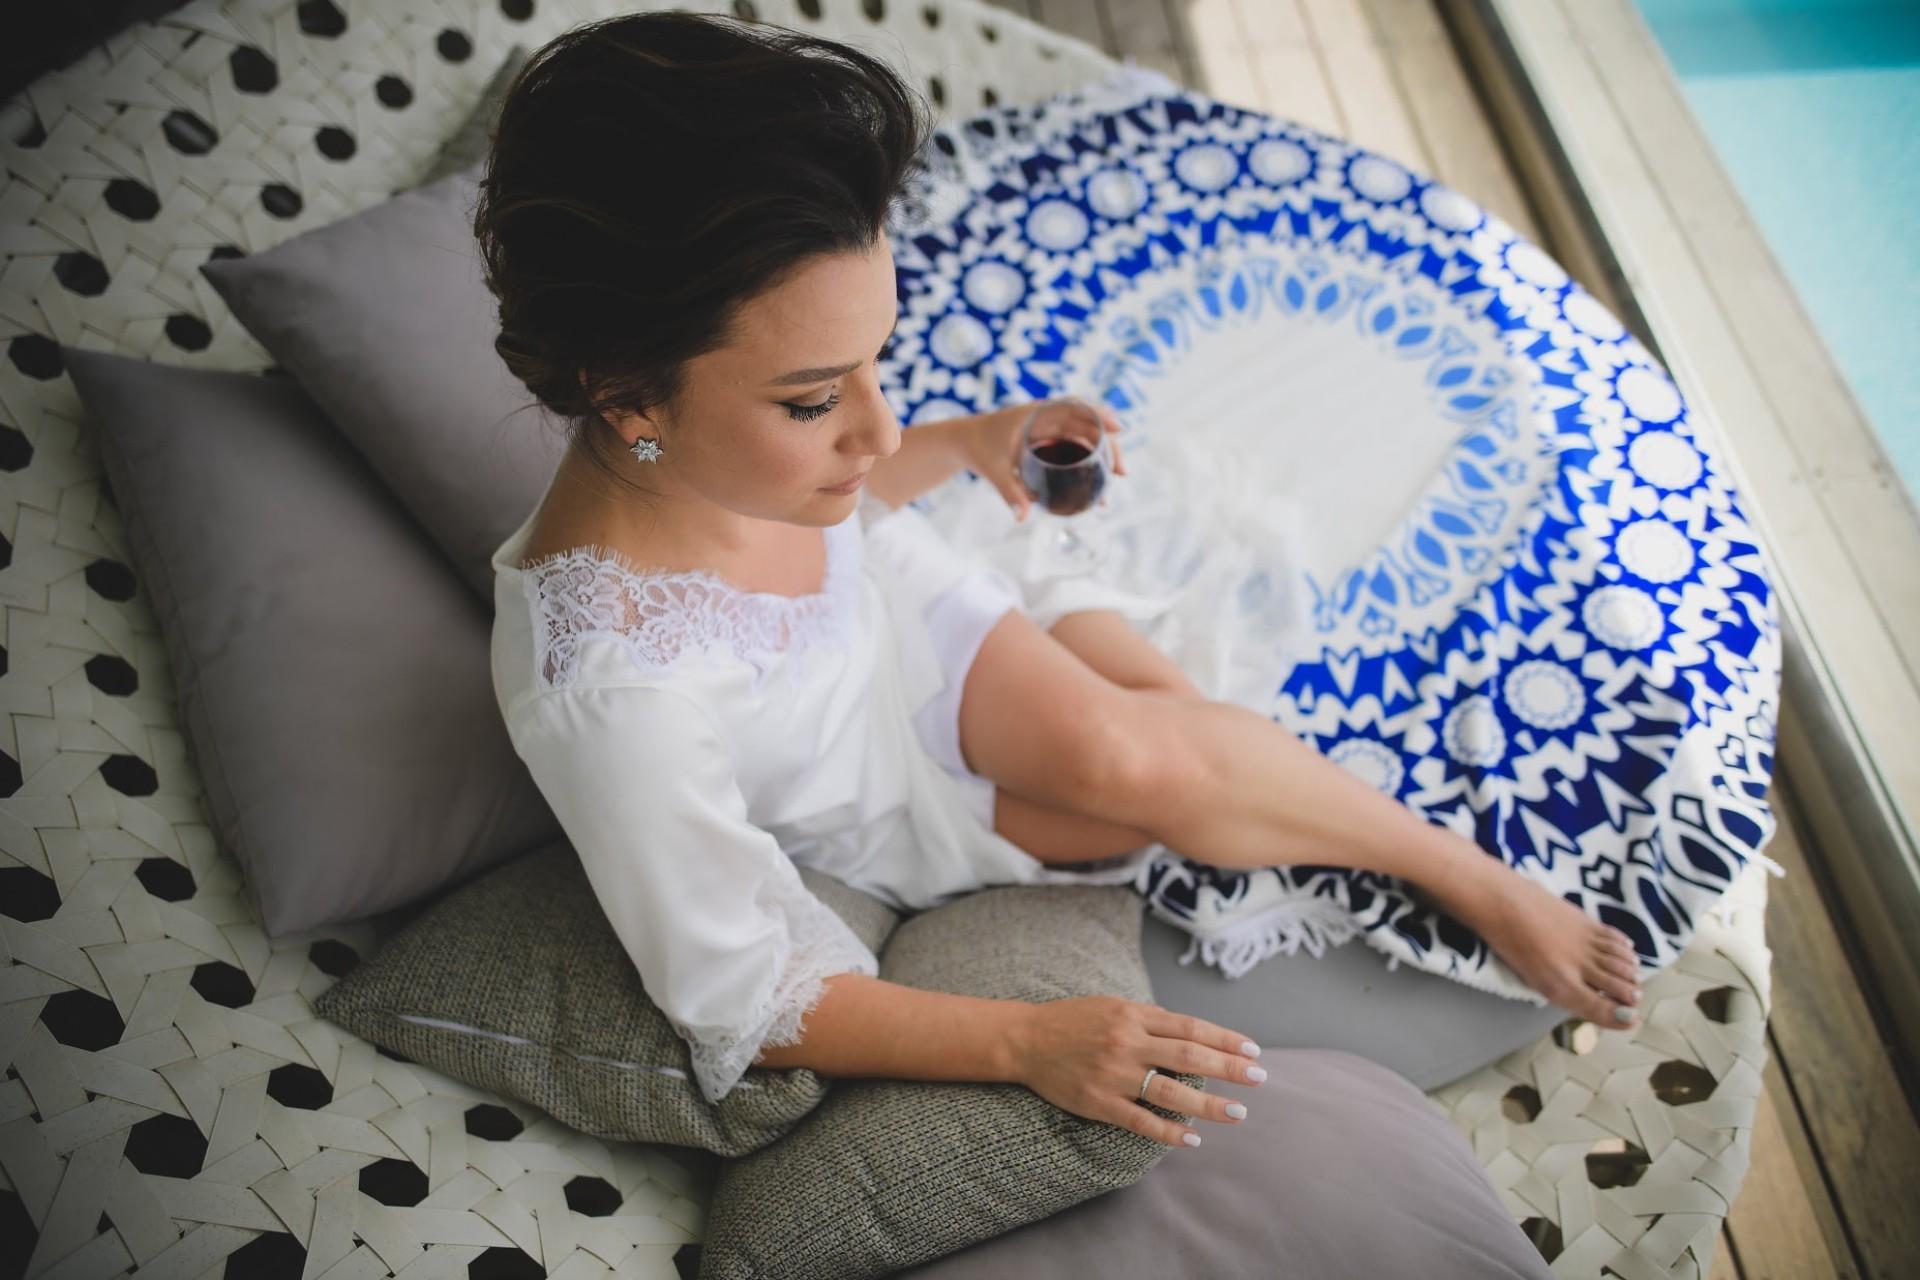 גלאם בעיצוב עצמי: החתונה של שני וצח